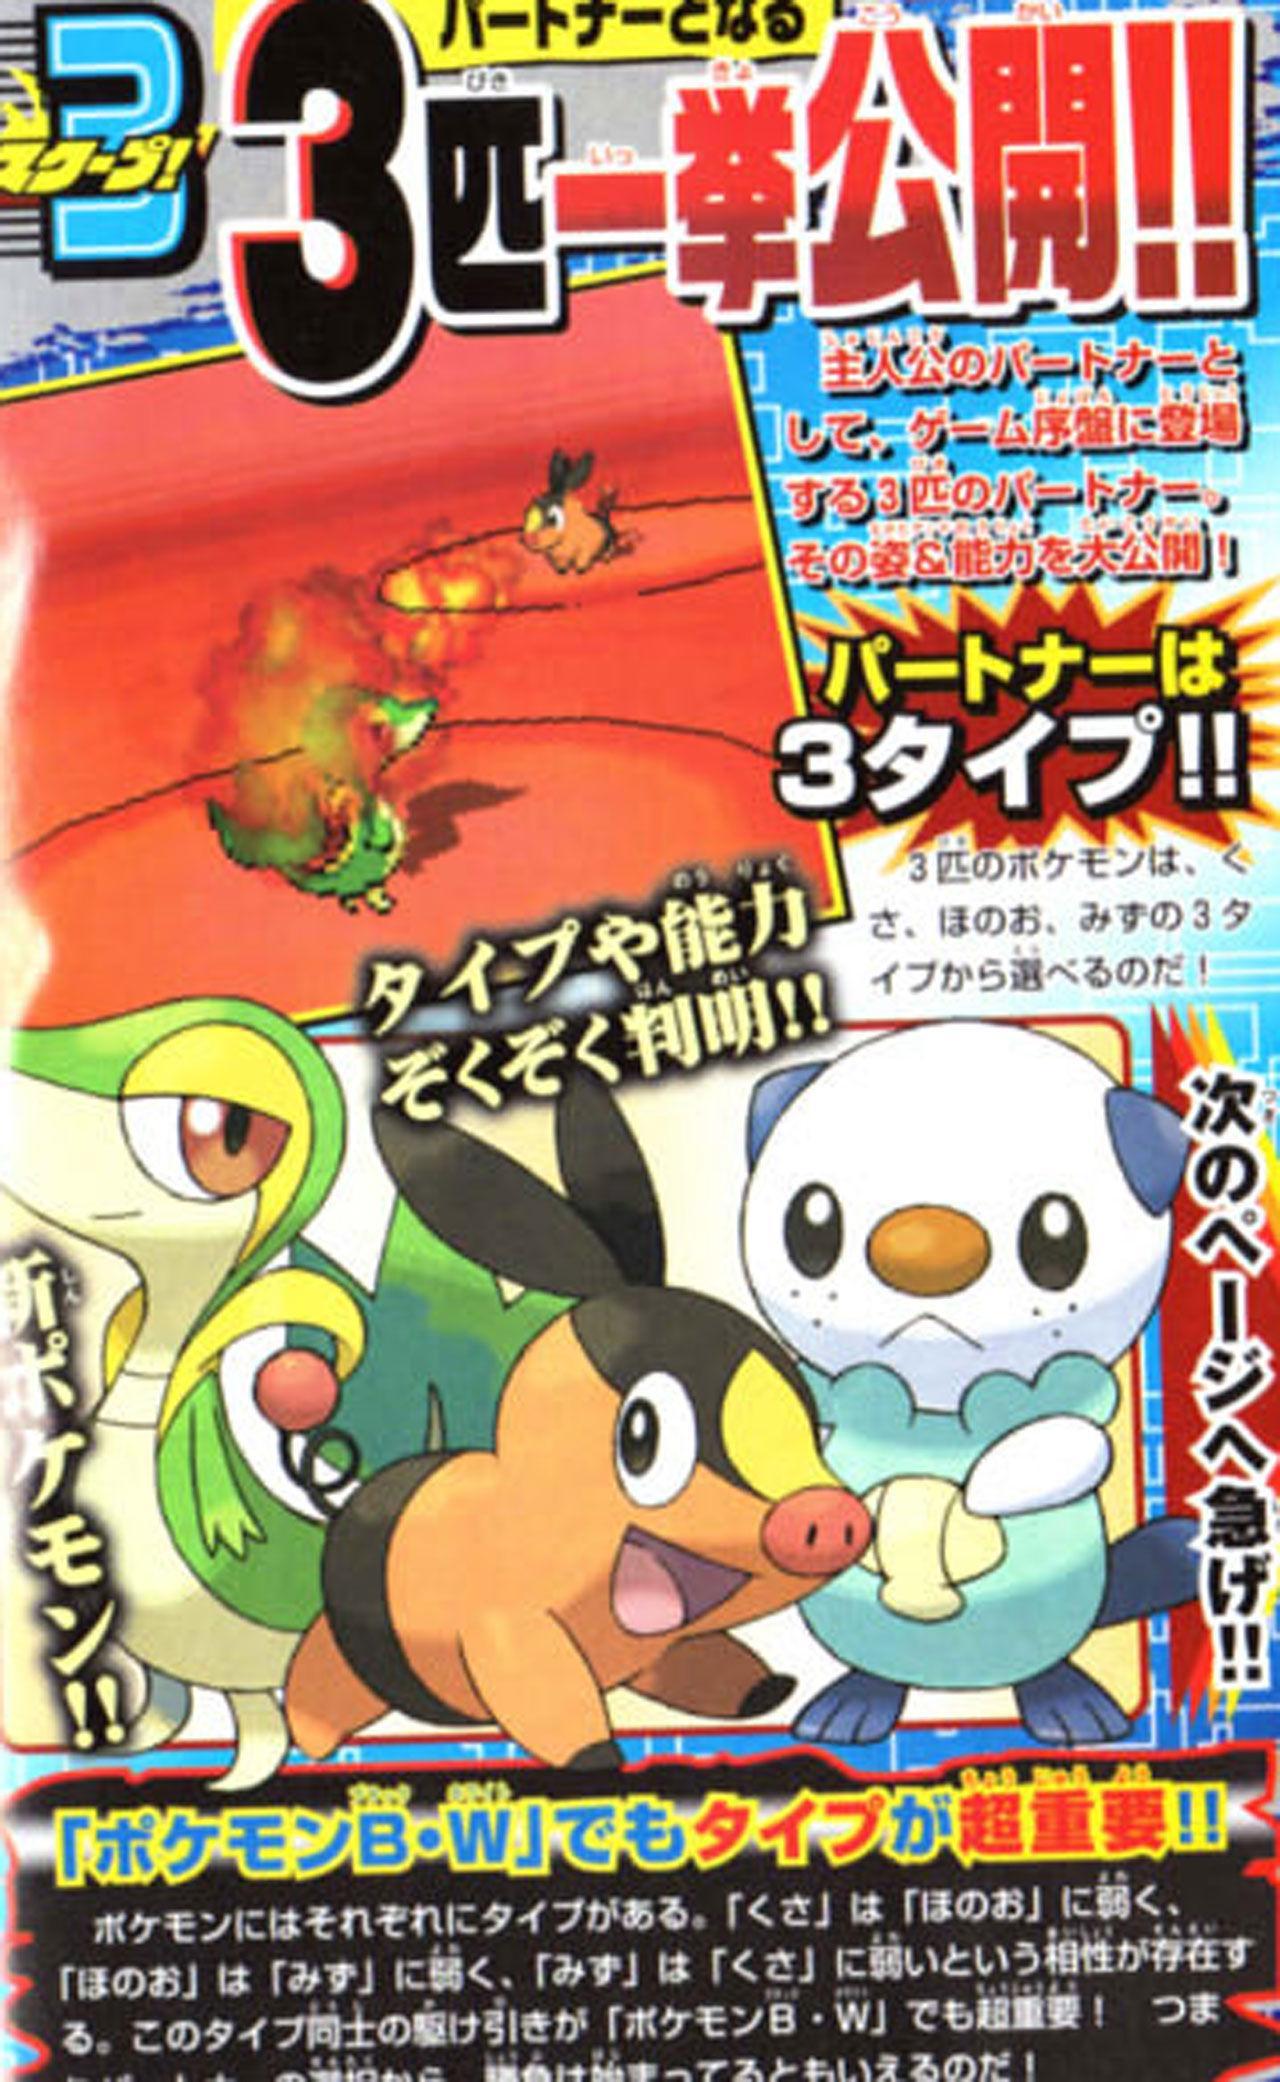 Pokémon 20105139296_1